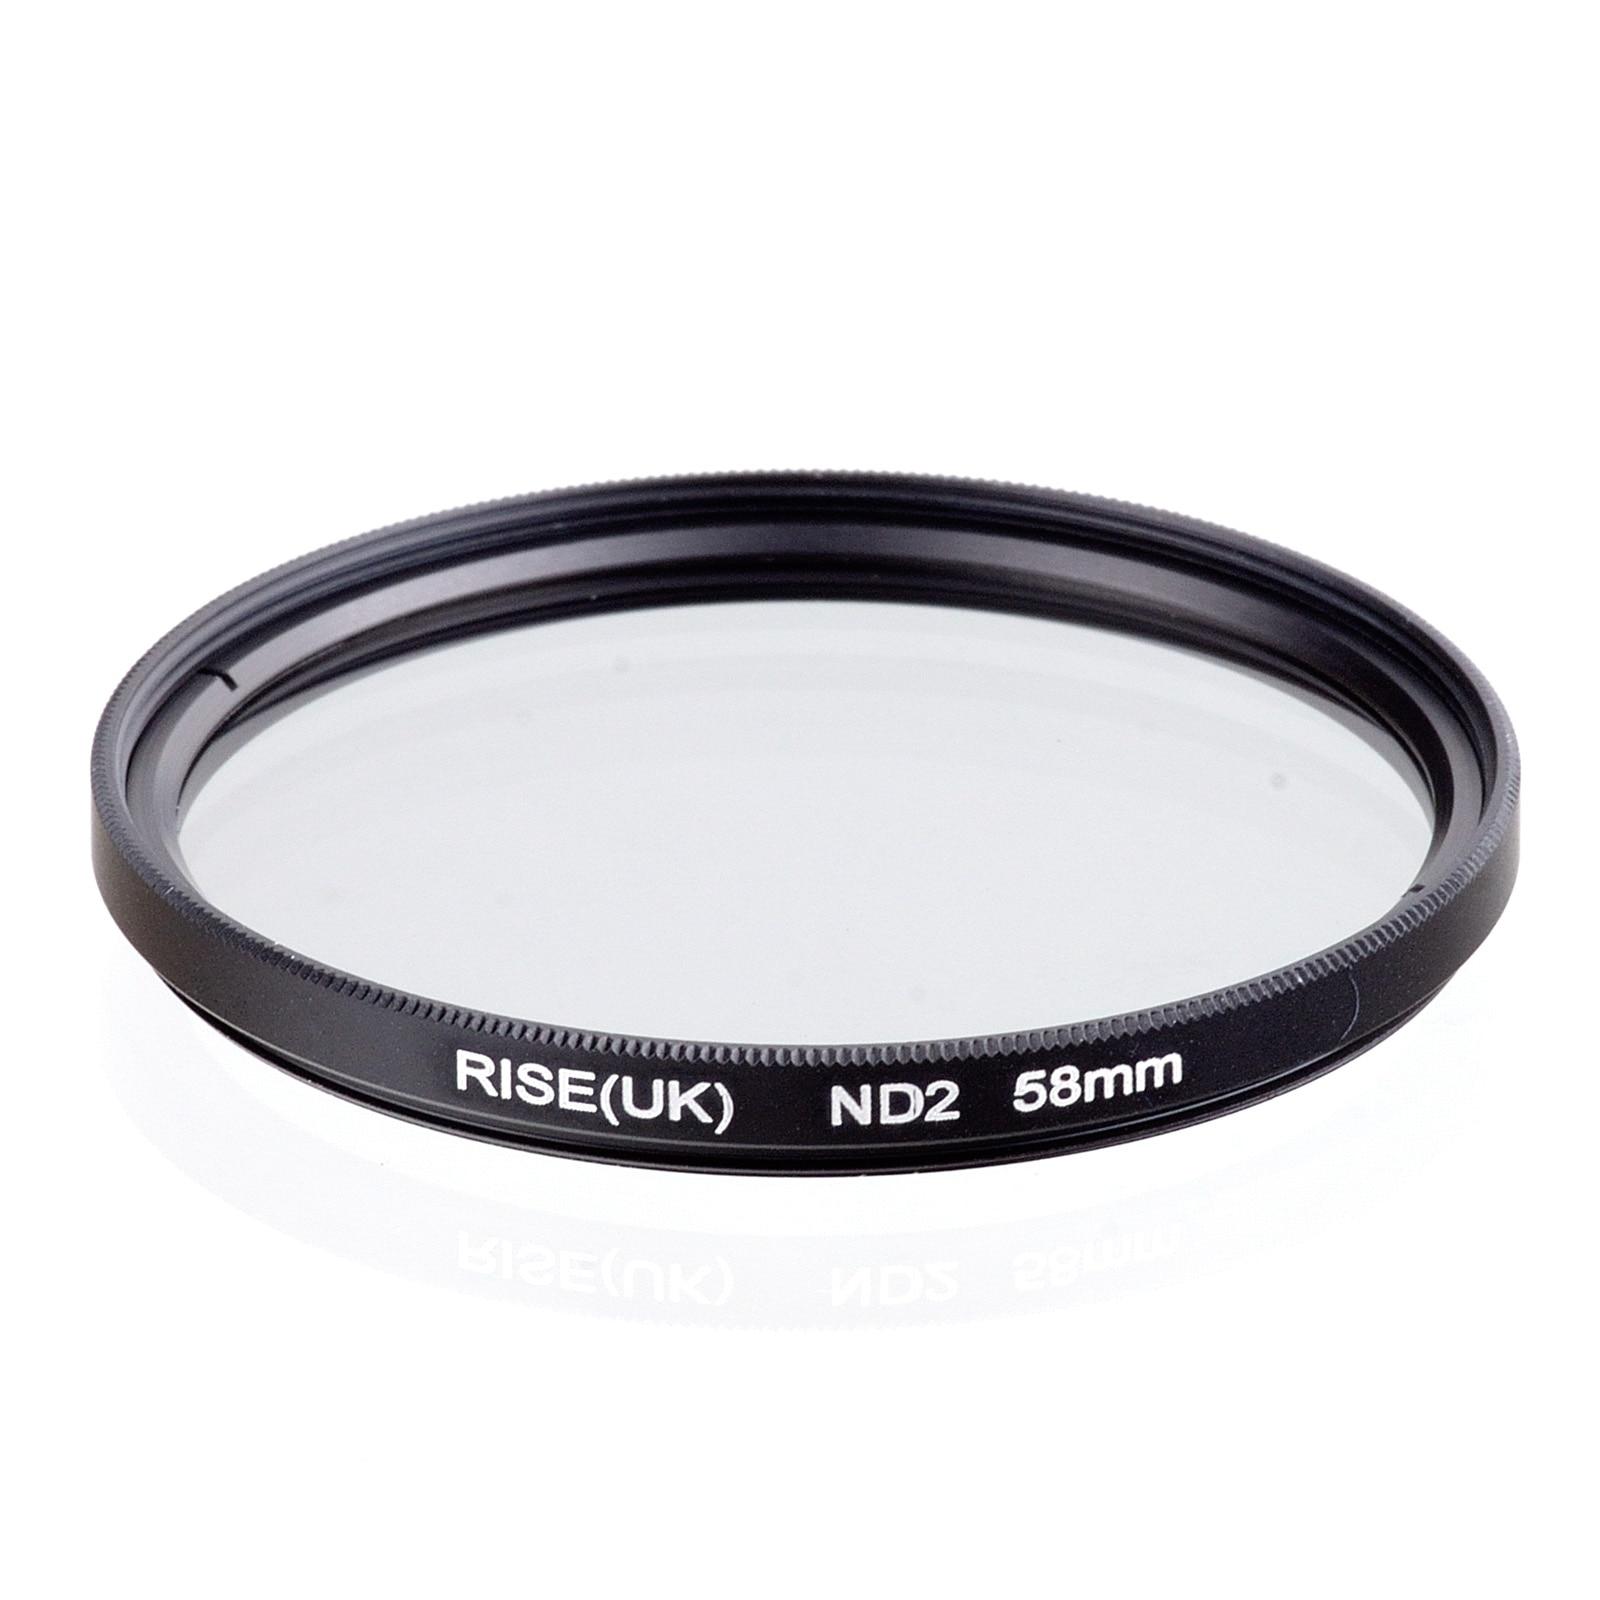 NAIK UK 58mm Kepadatan Netral ND2 Filter UNTUK SEMUA lensa Kamera hot sale gratis pengiriman